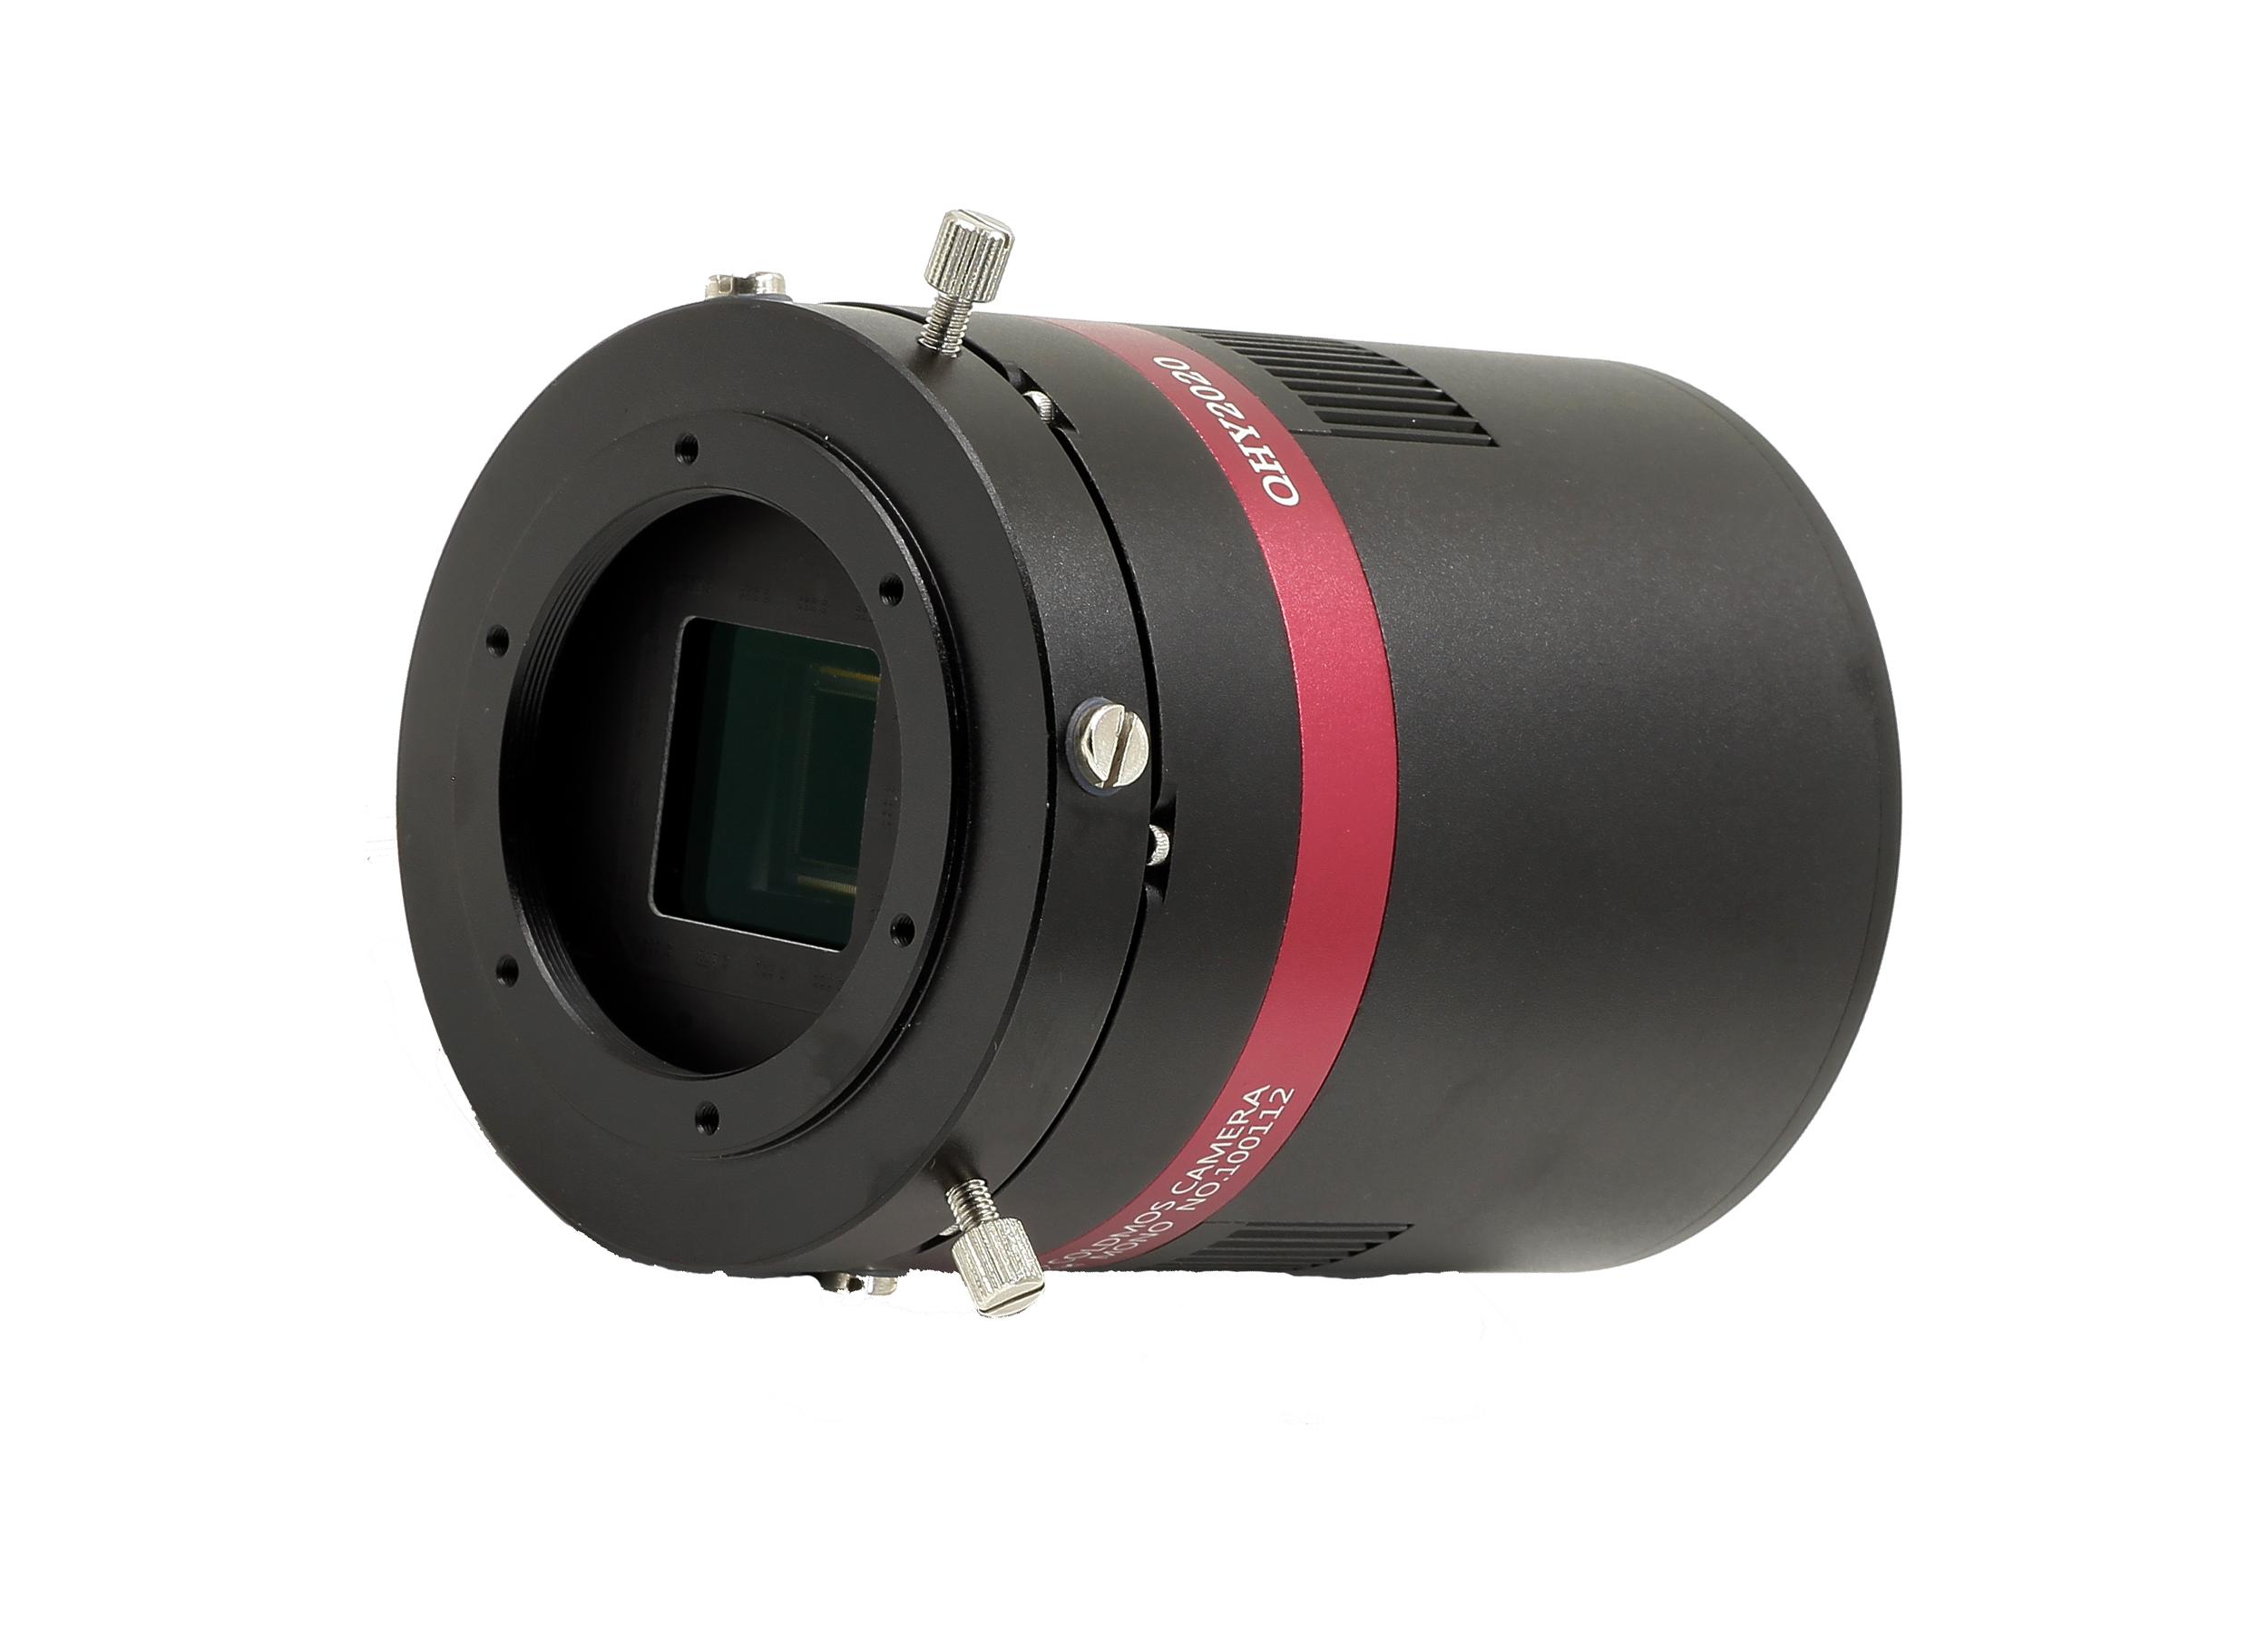 QHY2020 BSI Cooled Scientific CMOS camera